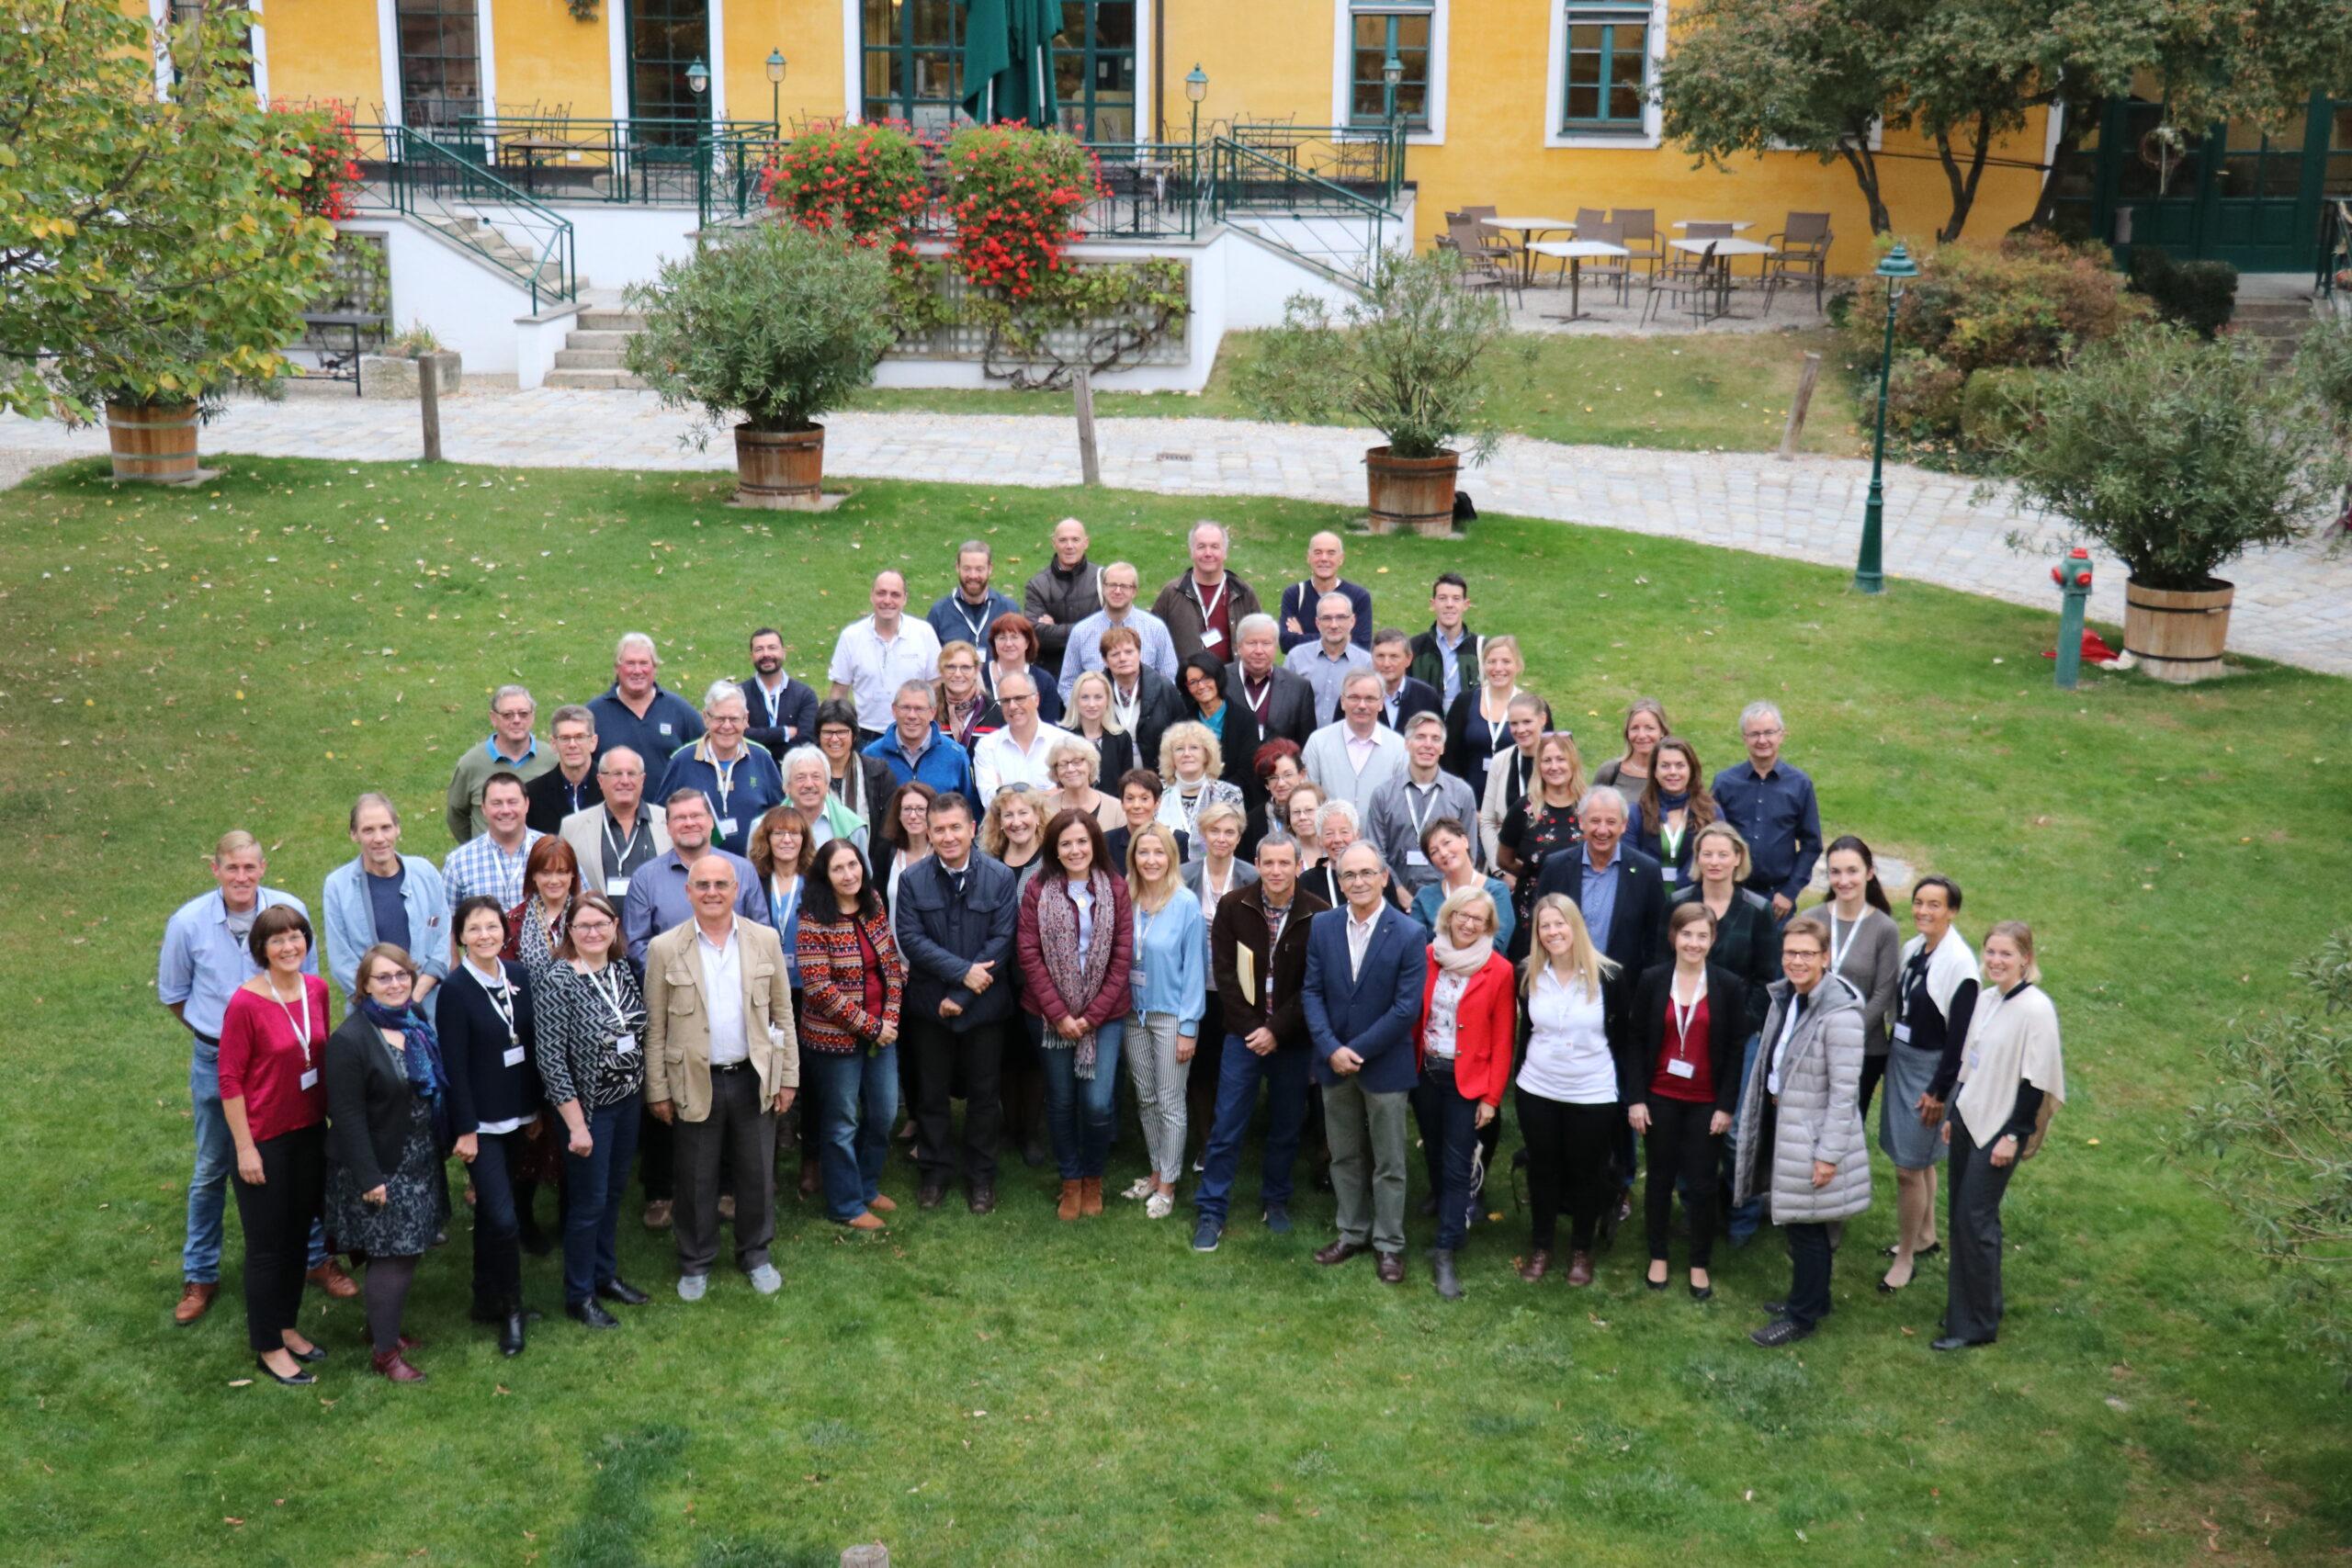 2018 – EUROPEA Austria führt den Vorsitz in EUROPEA International; Generalversammlung in Retz, NÖ